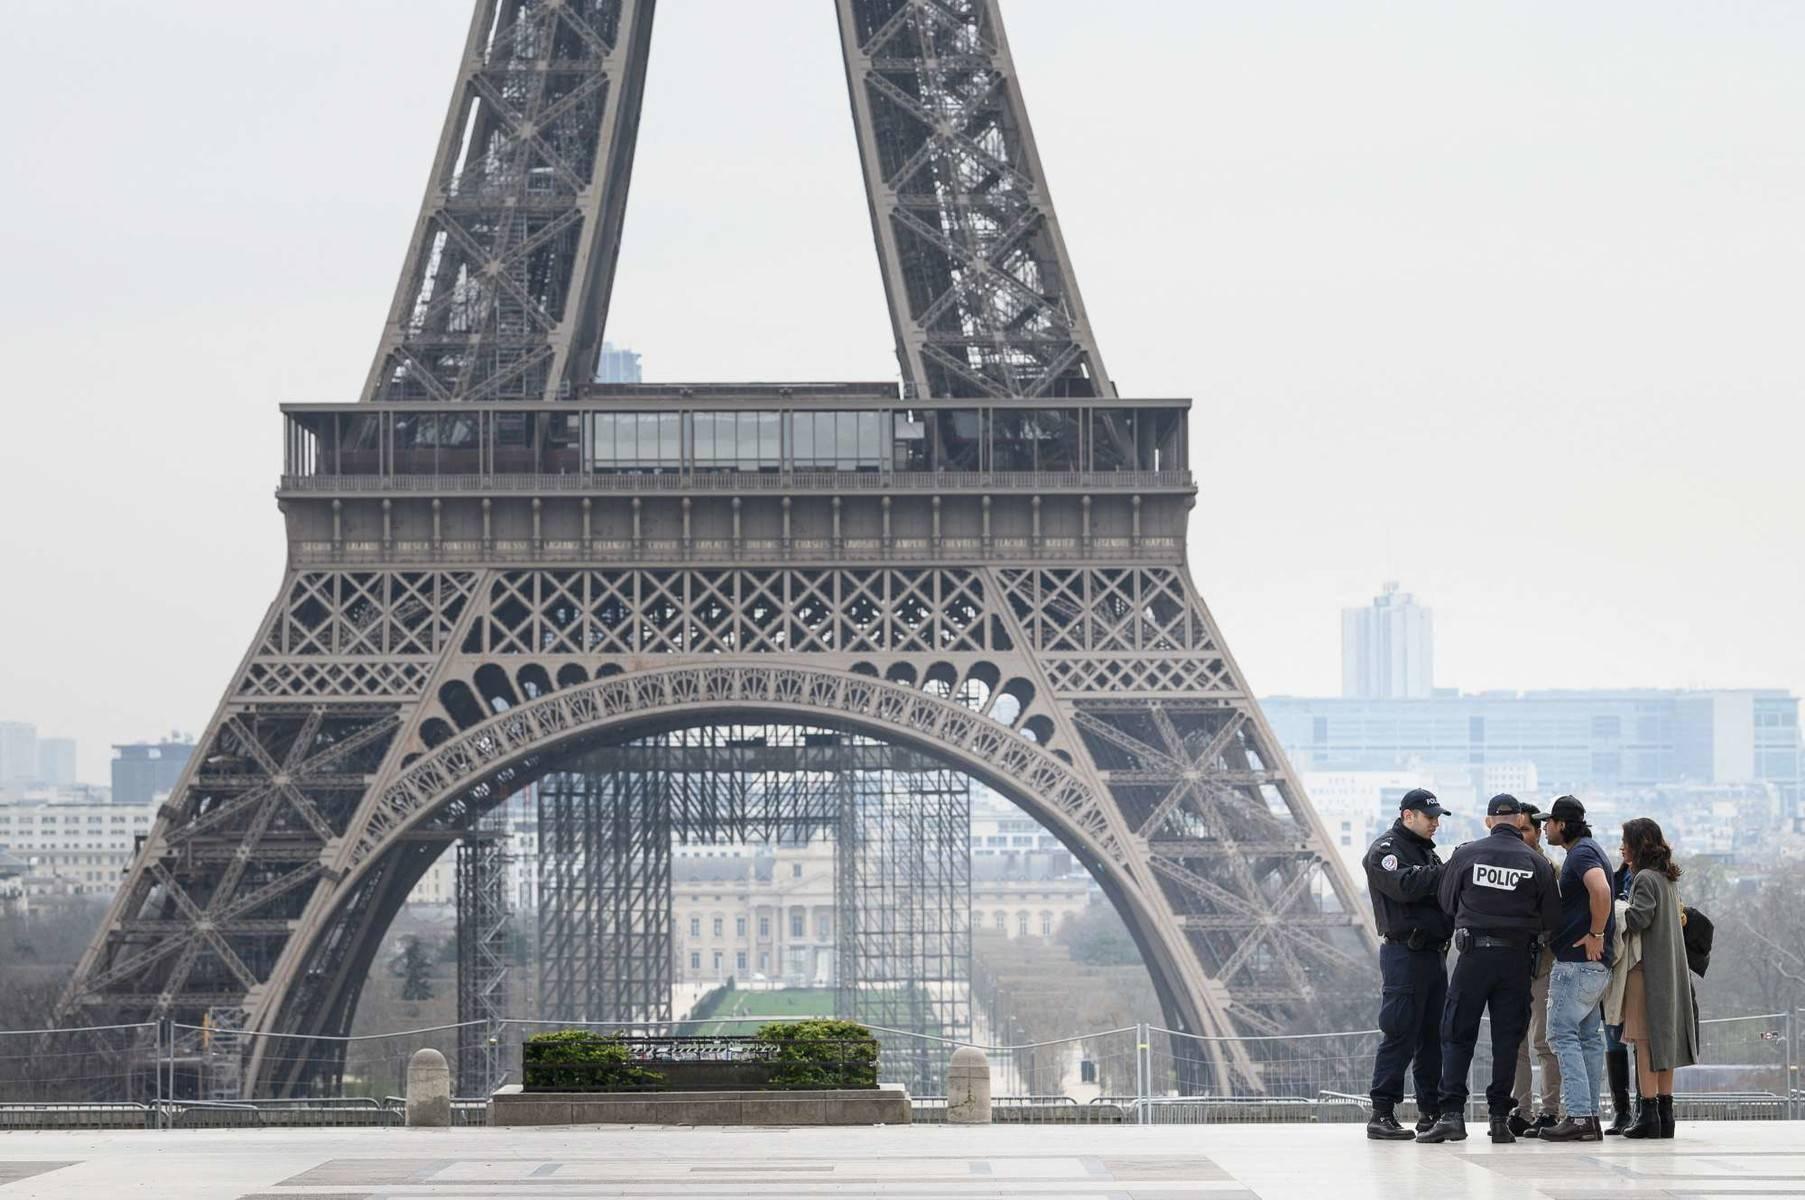 Fase due: ripartono Francia e Spagna. In Nuova Zelanda si annuncia la vittoria sul virus - Leggilo.org